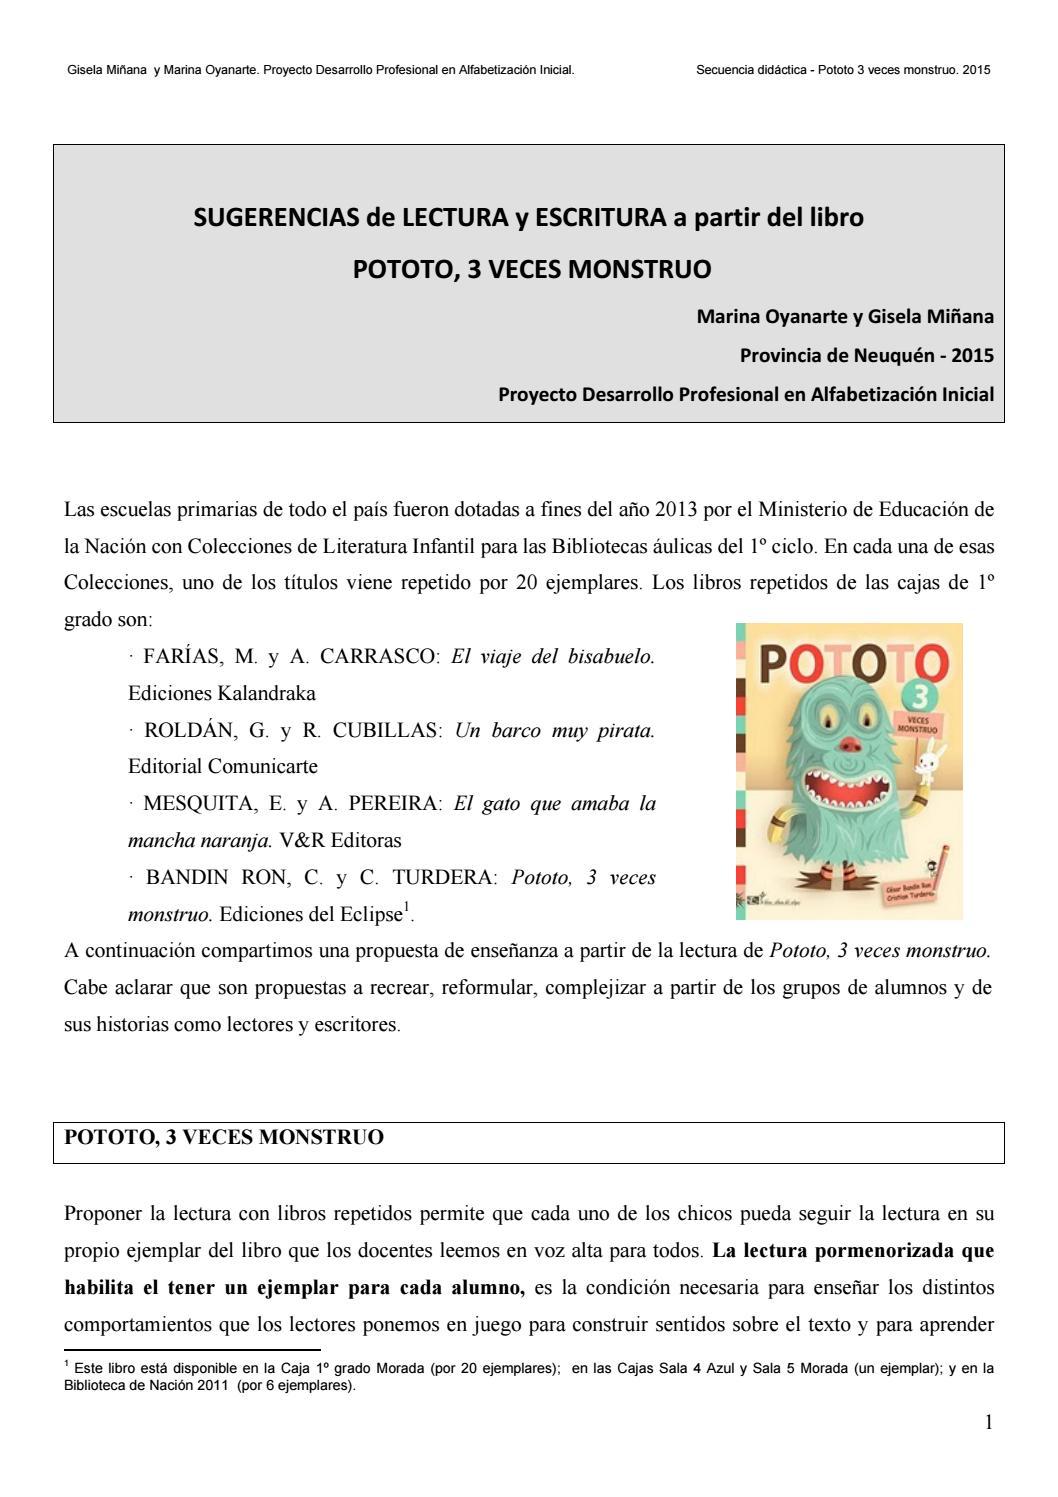 5 secuencia pototo 3 veces monstruo 2015 by java weiss issuu for Fuera de aqui en ingles